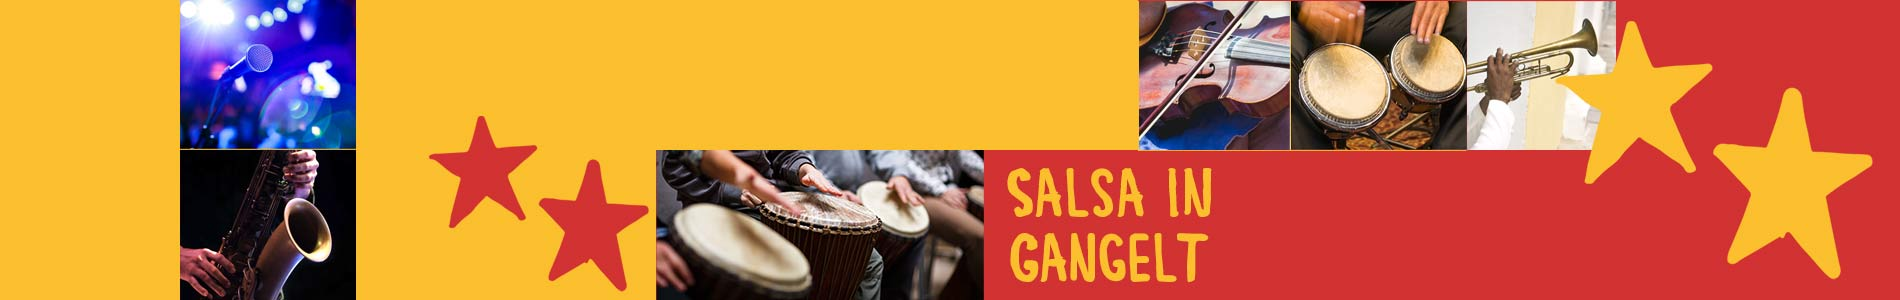 Salsa in Gangelt – Salsa lernen und tanzen, Tanzkurse, Partys, Veranstaltungen